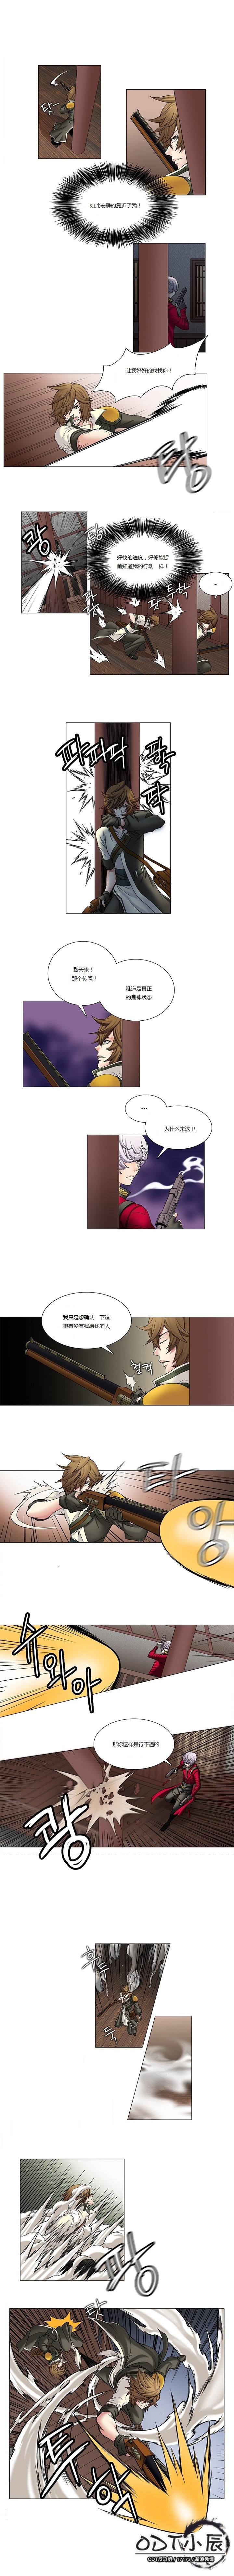 官方漫画《骛天鬼》第2话(3).jpg